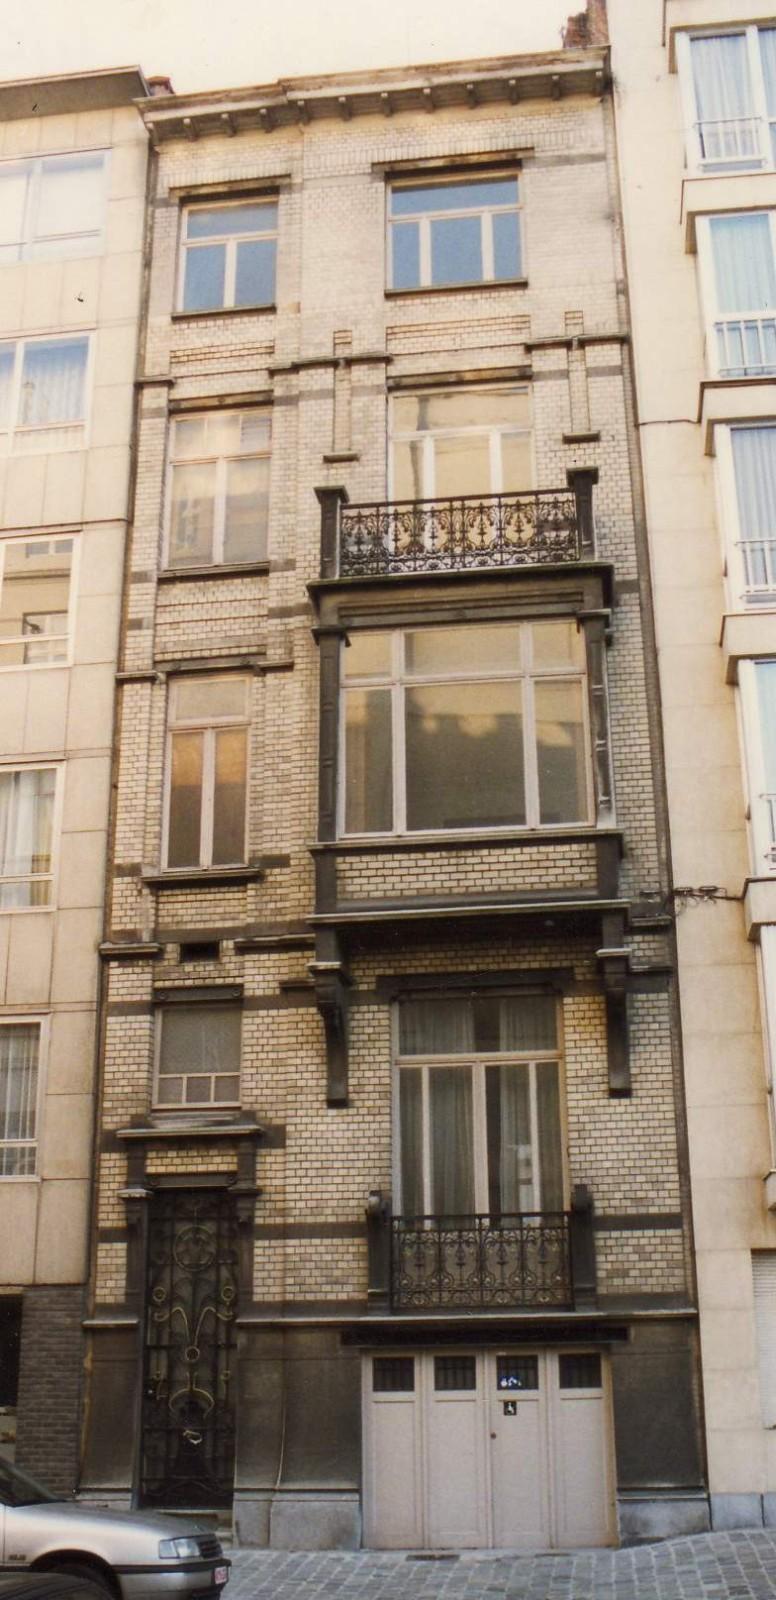 Rue des Aduatiques 9., 1993